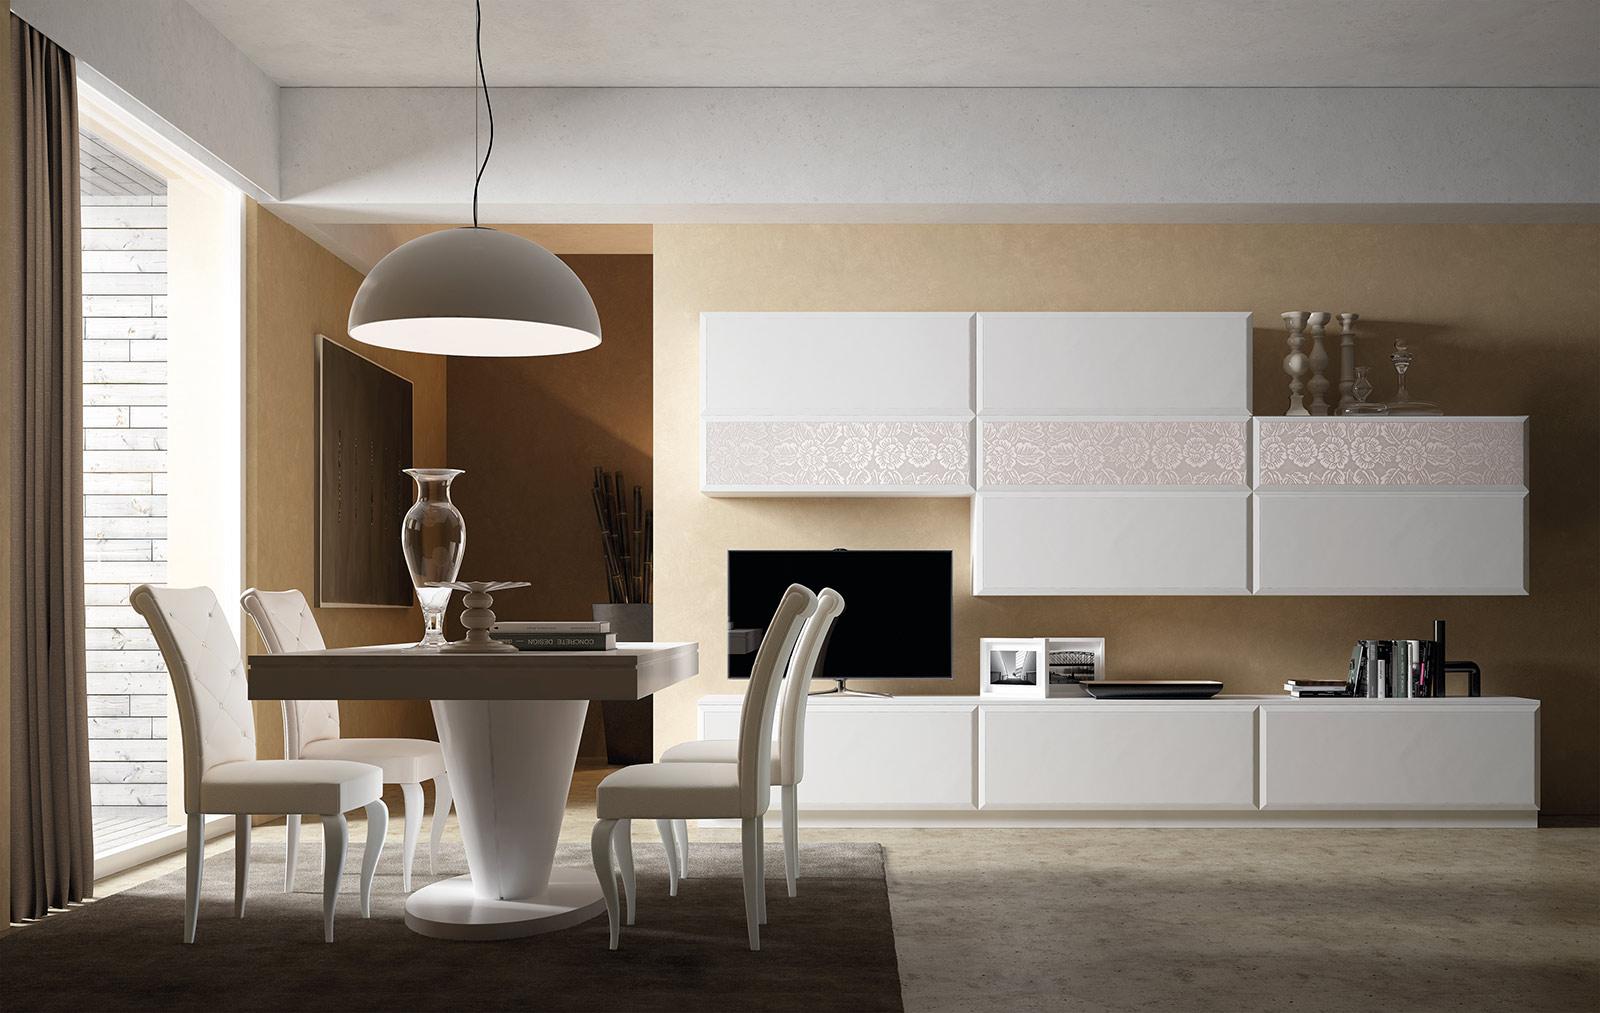 Soluzioni ed accessori per la protezione dei mobili di casa milleguide - Accessori per casa moderna ...